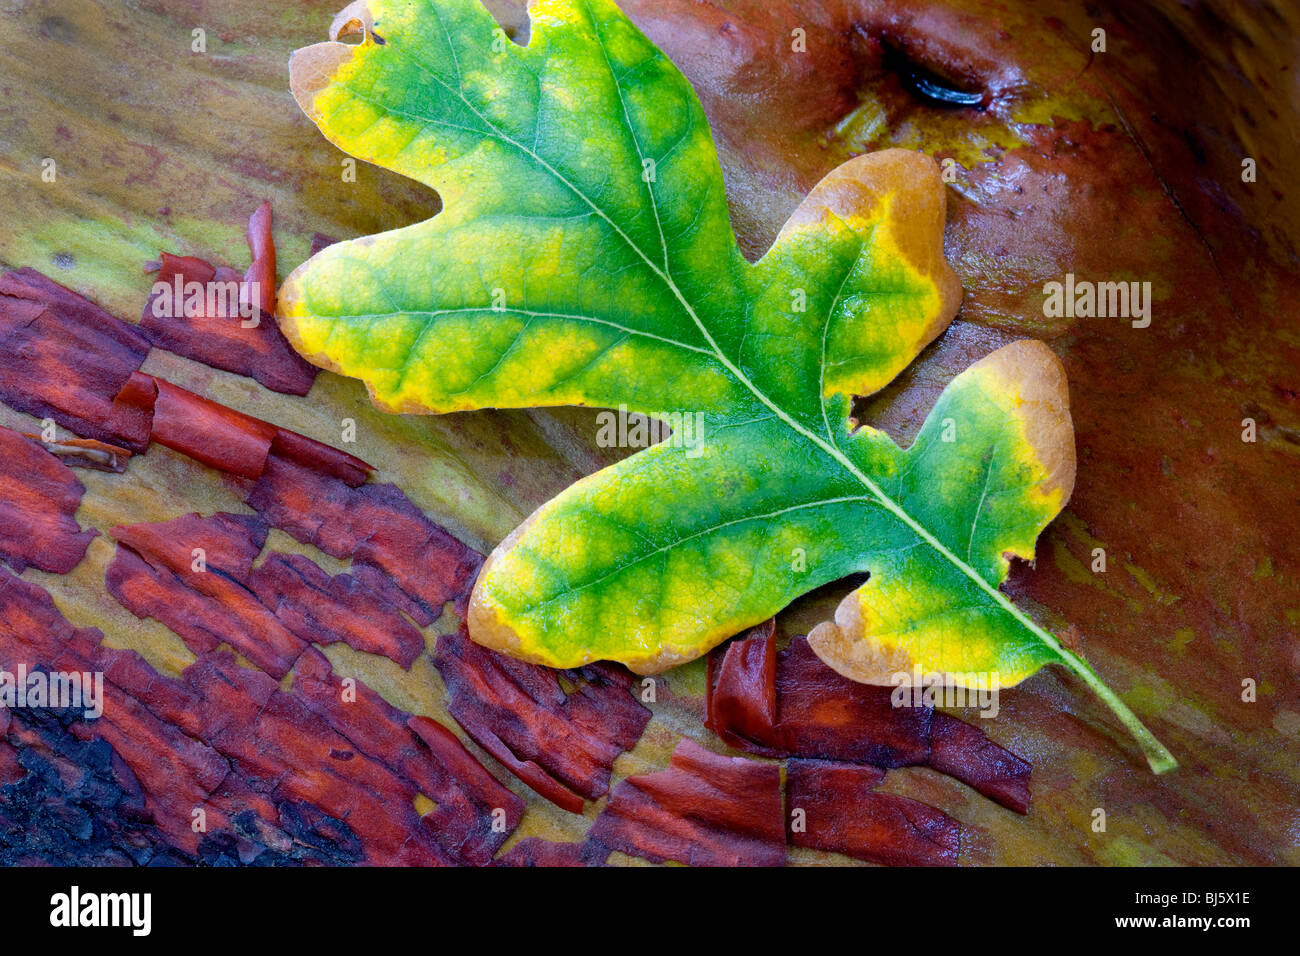 Eichenblatt in Herbstfarben auf Madrone Zweig. Siskiyou National Forest Stockbild